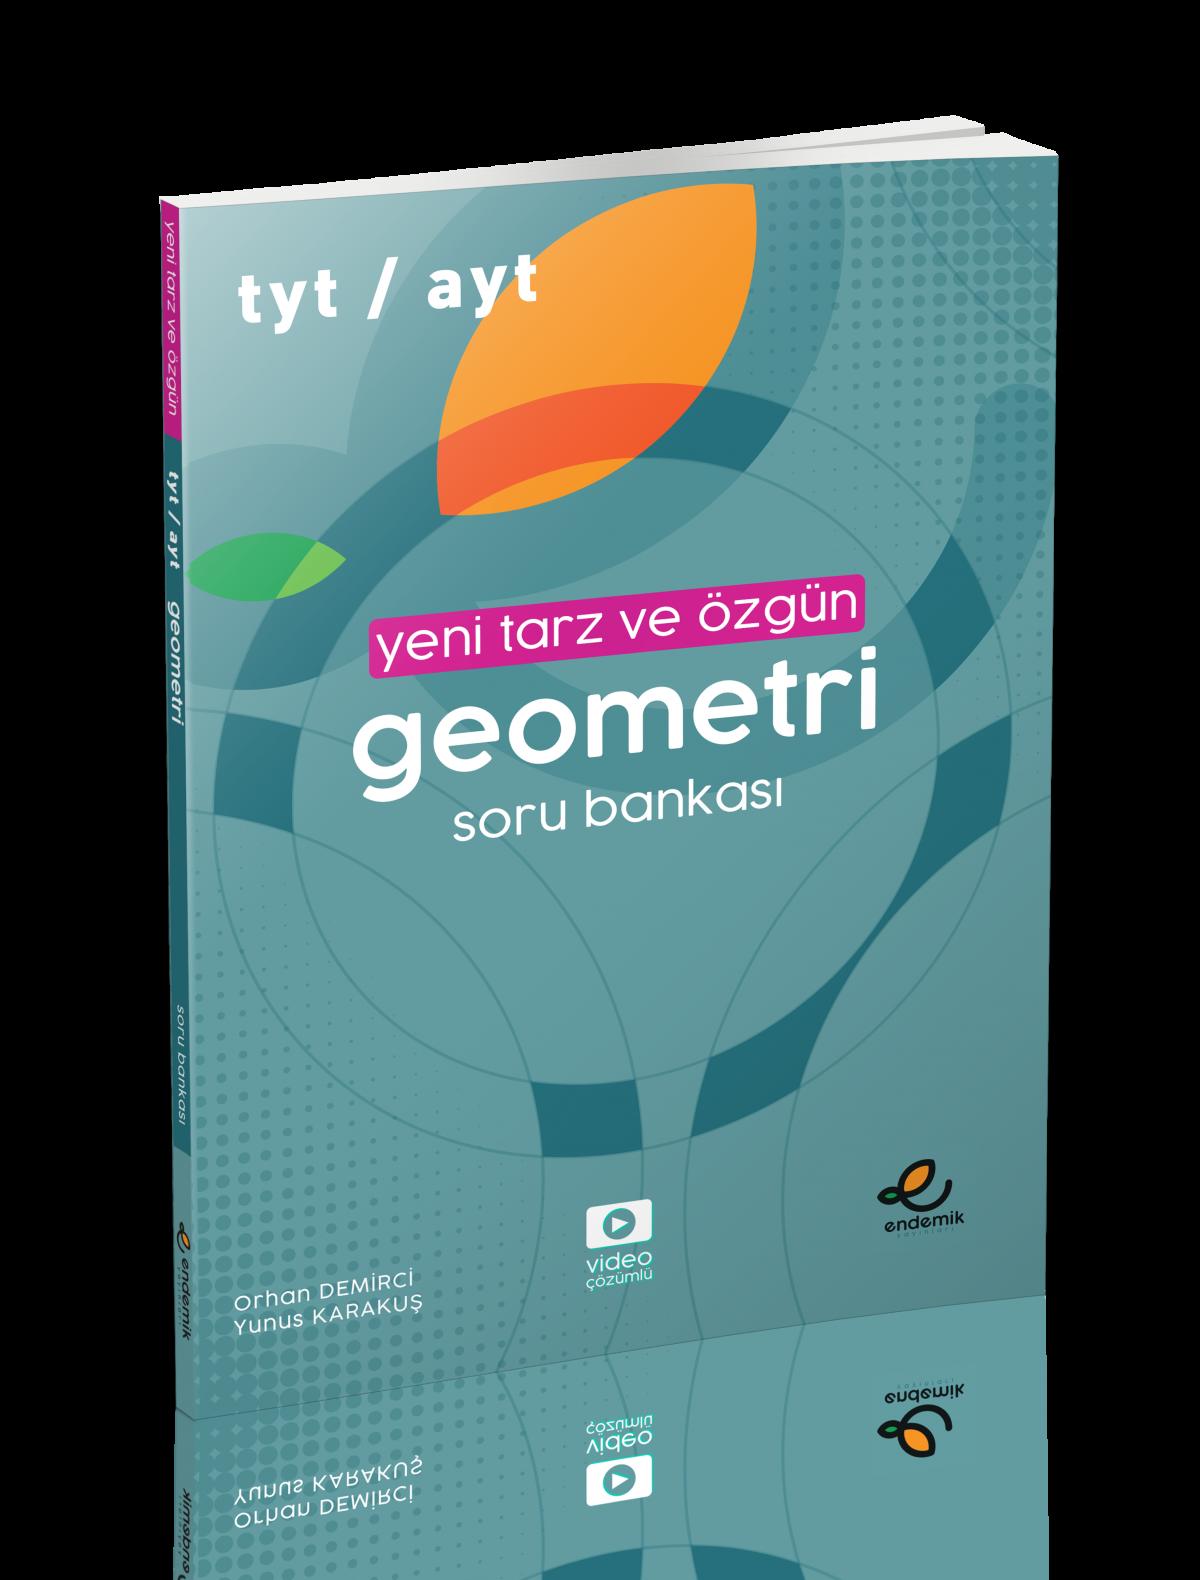 TYT-AYT Yeni Tarz Geometri Soru Bankası - Endemik